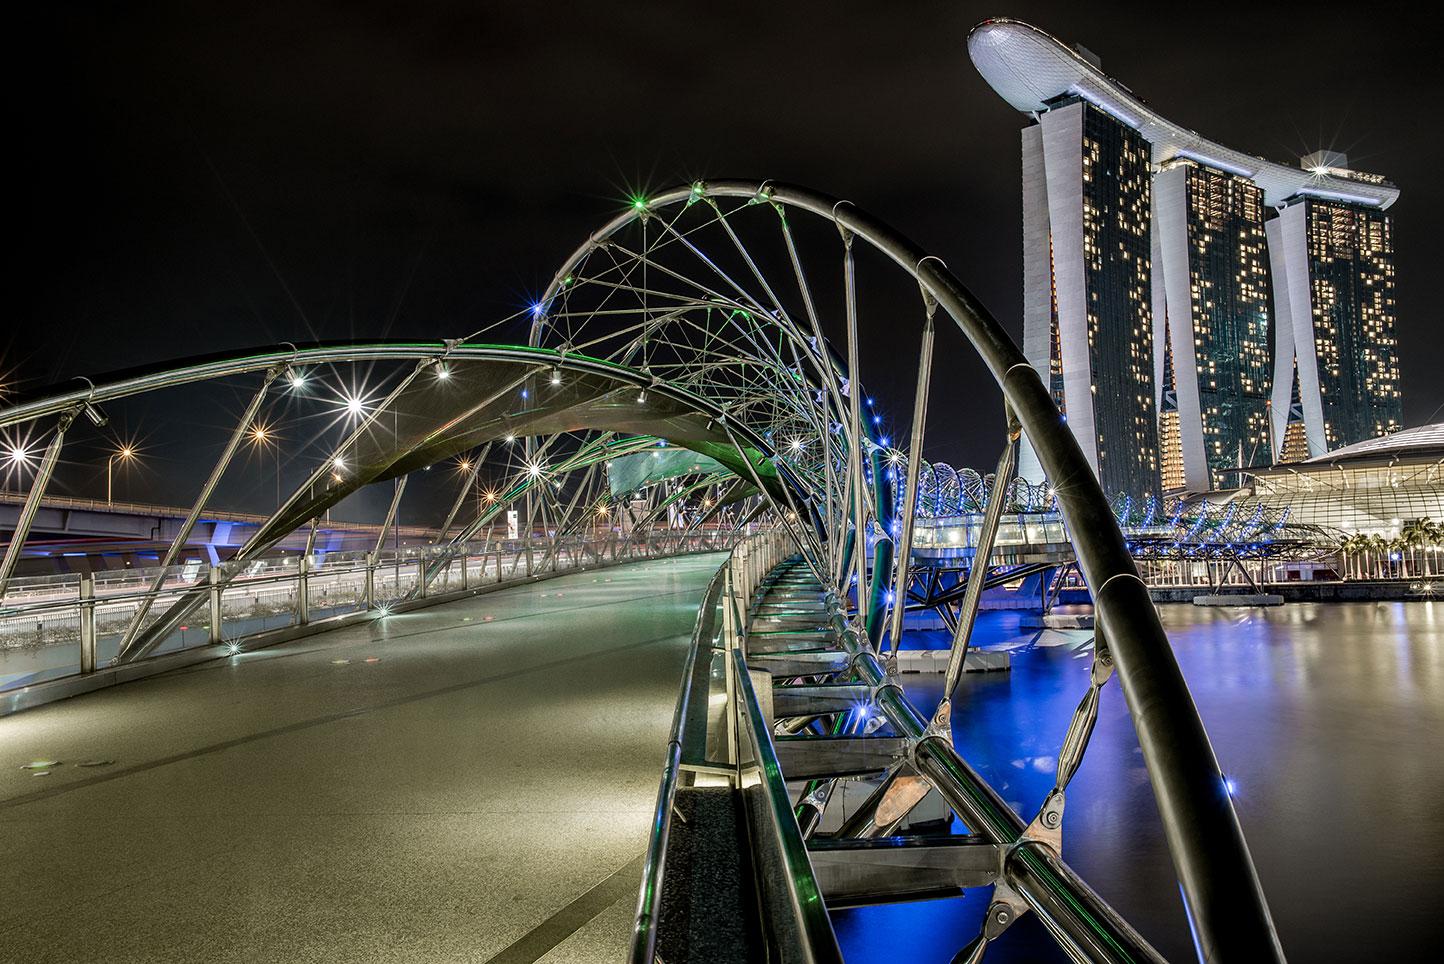 5. Helix Bridge